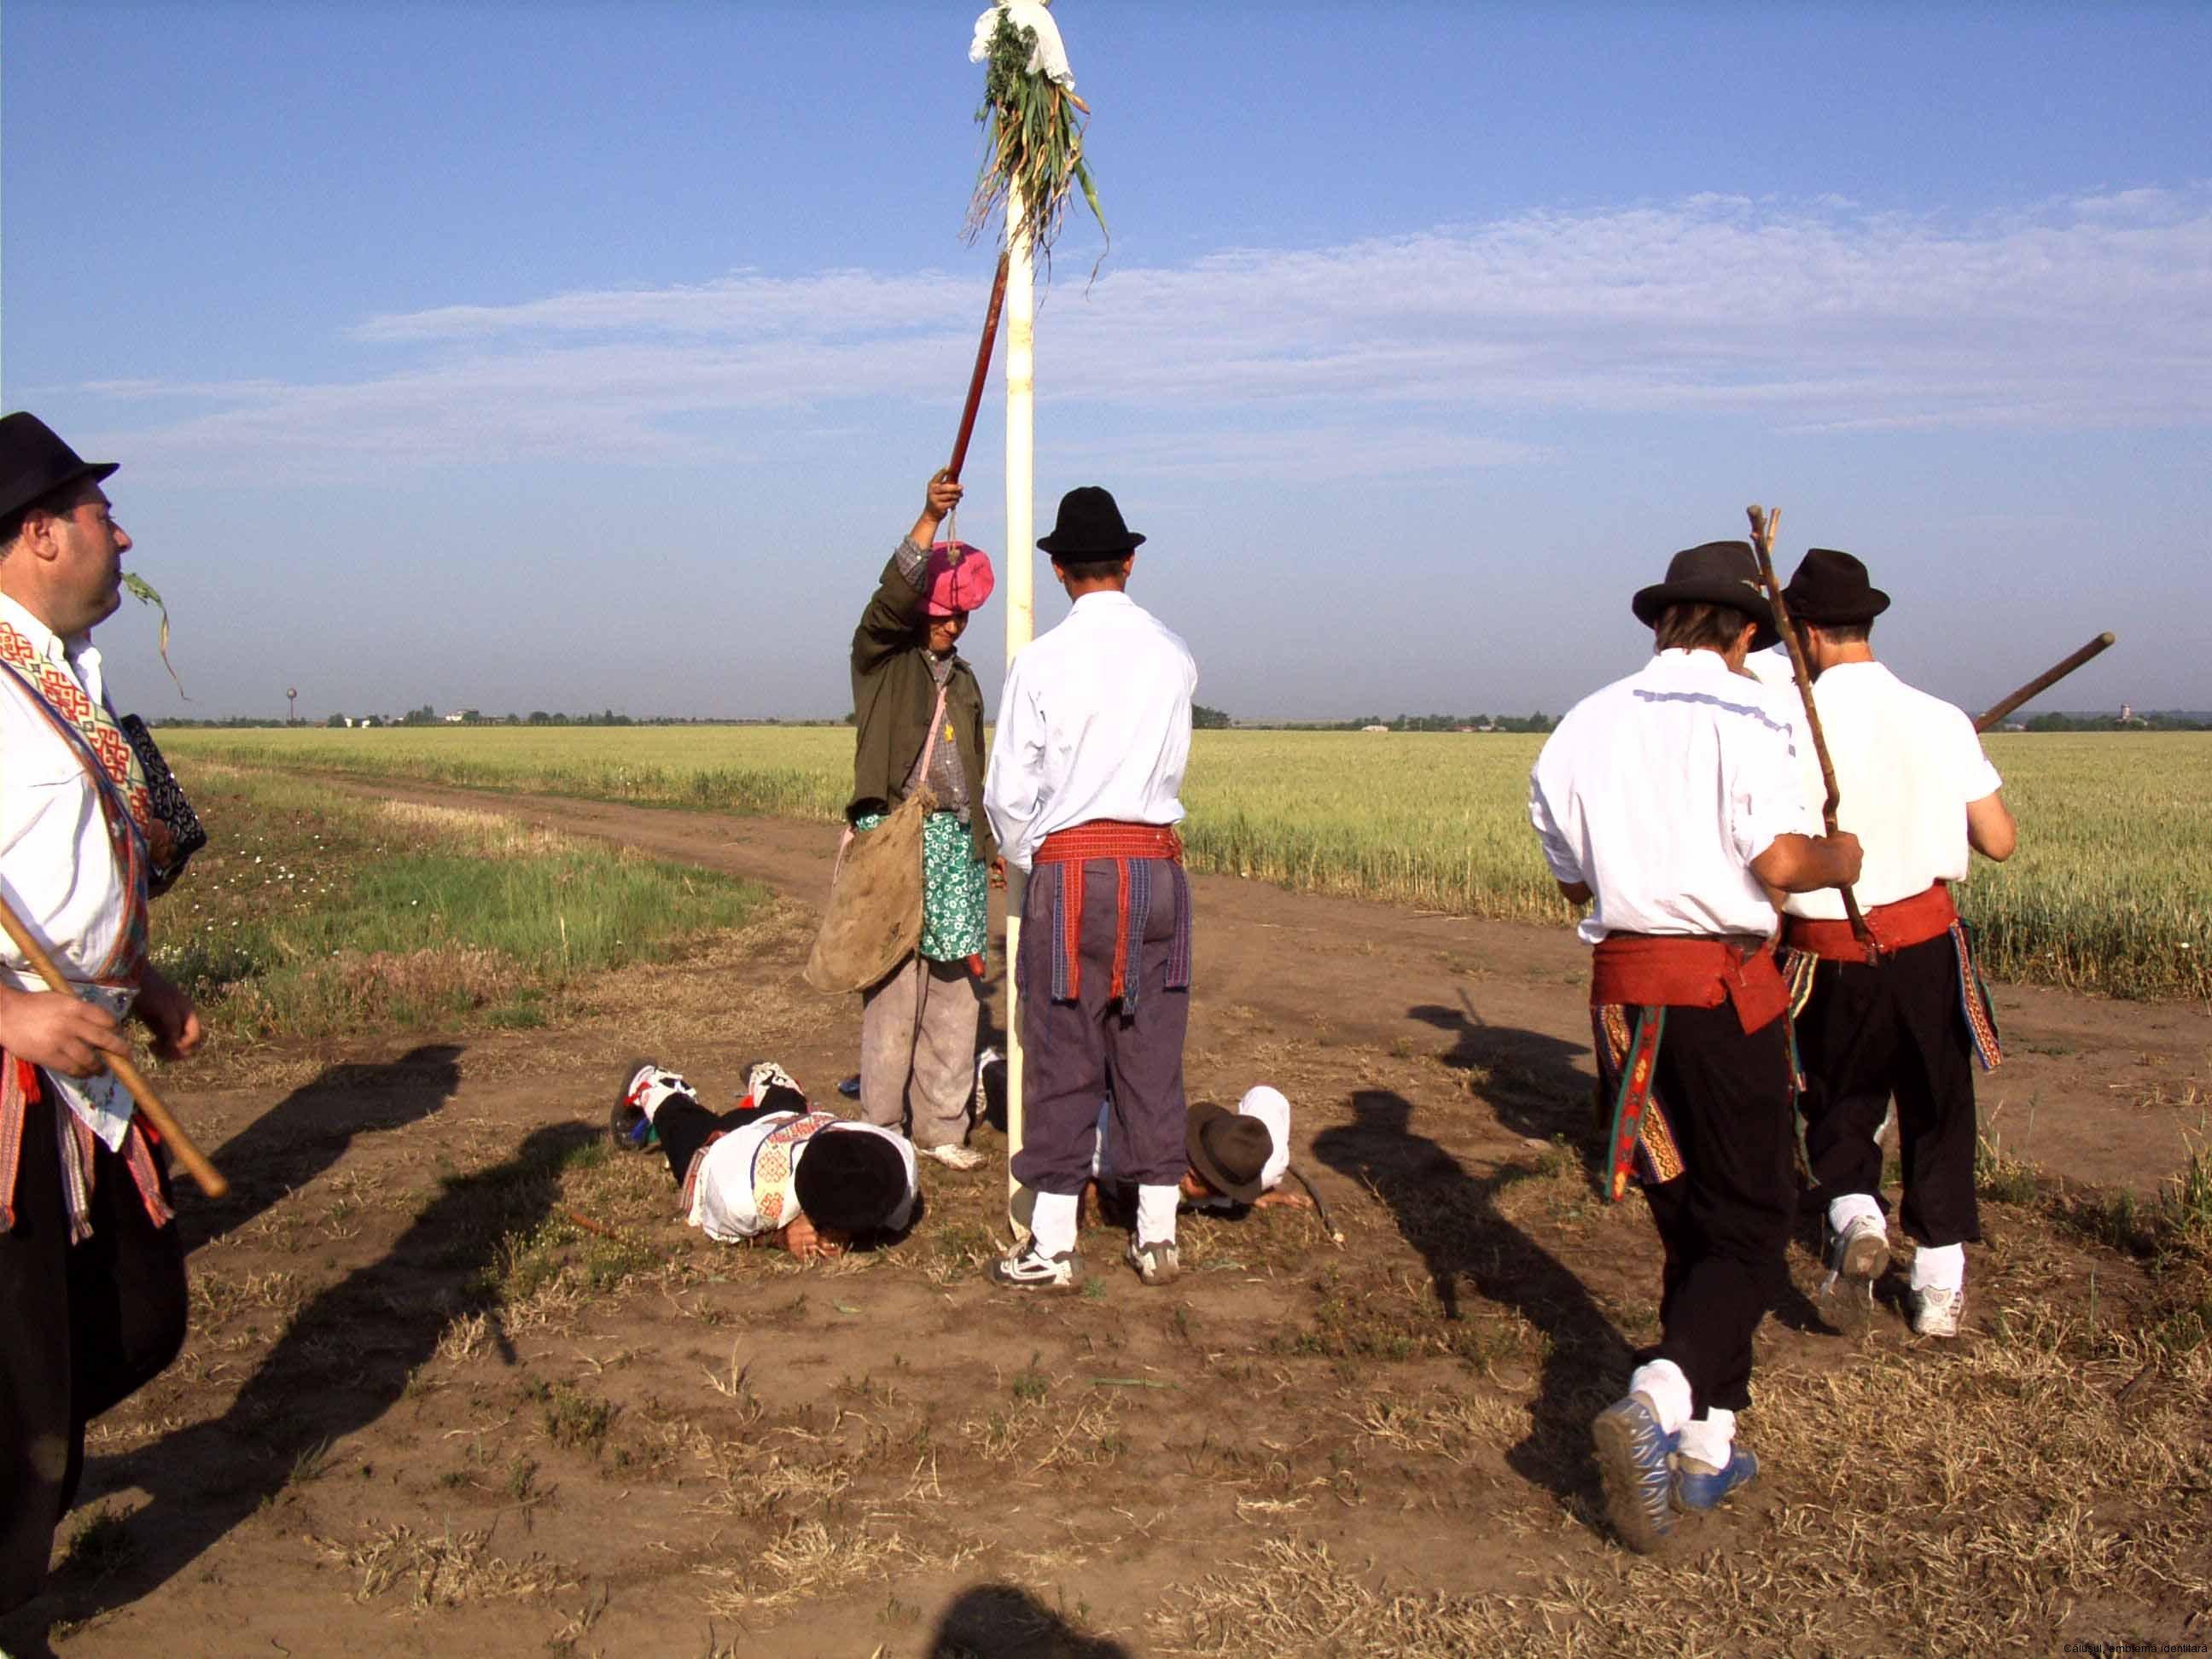 01-calus-depunerea-juramantului-la-hotar-craciunei-2007